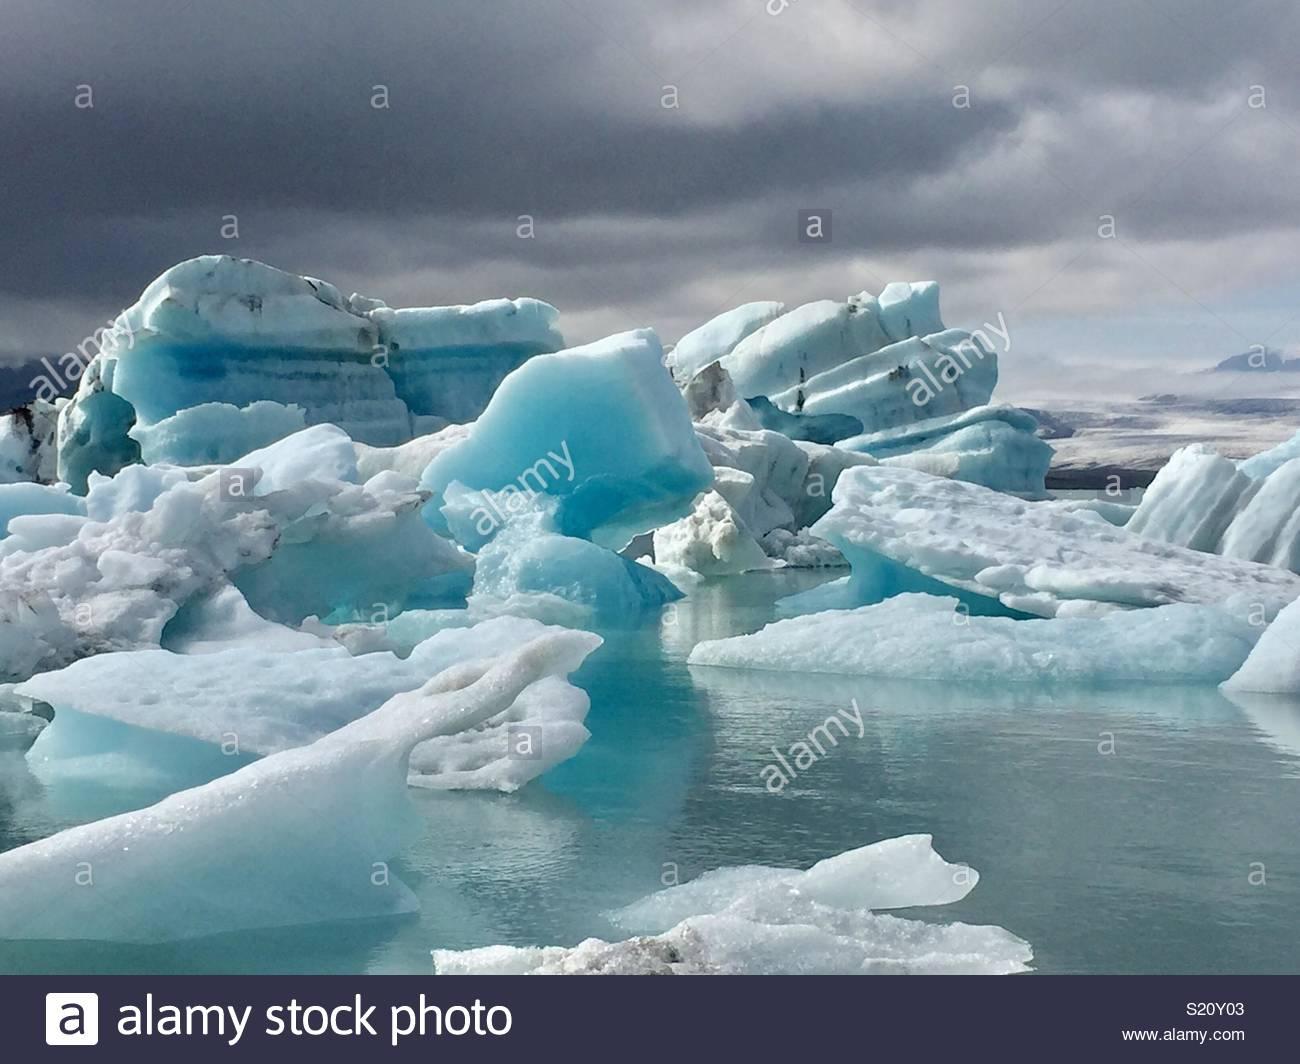 Icebergs Photo Stock